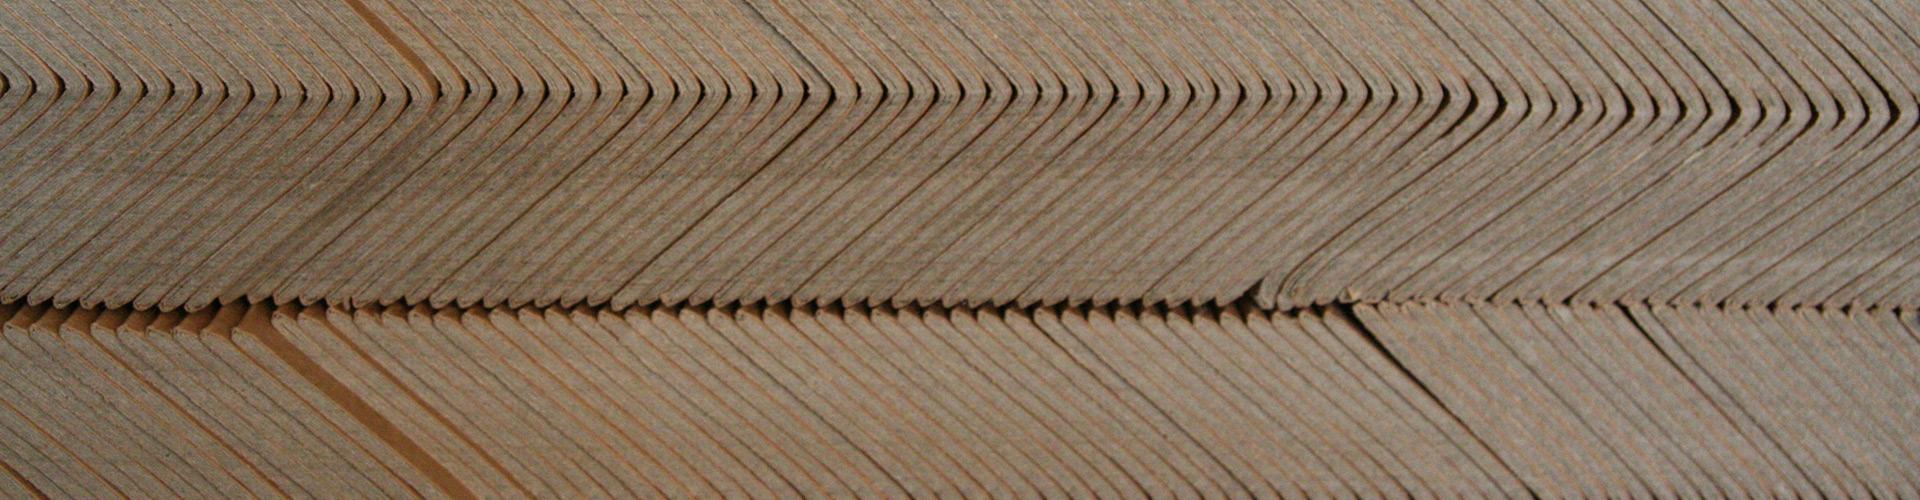 Papírové obaly | HopObaly